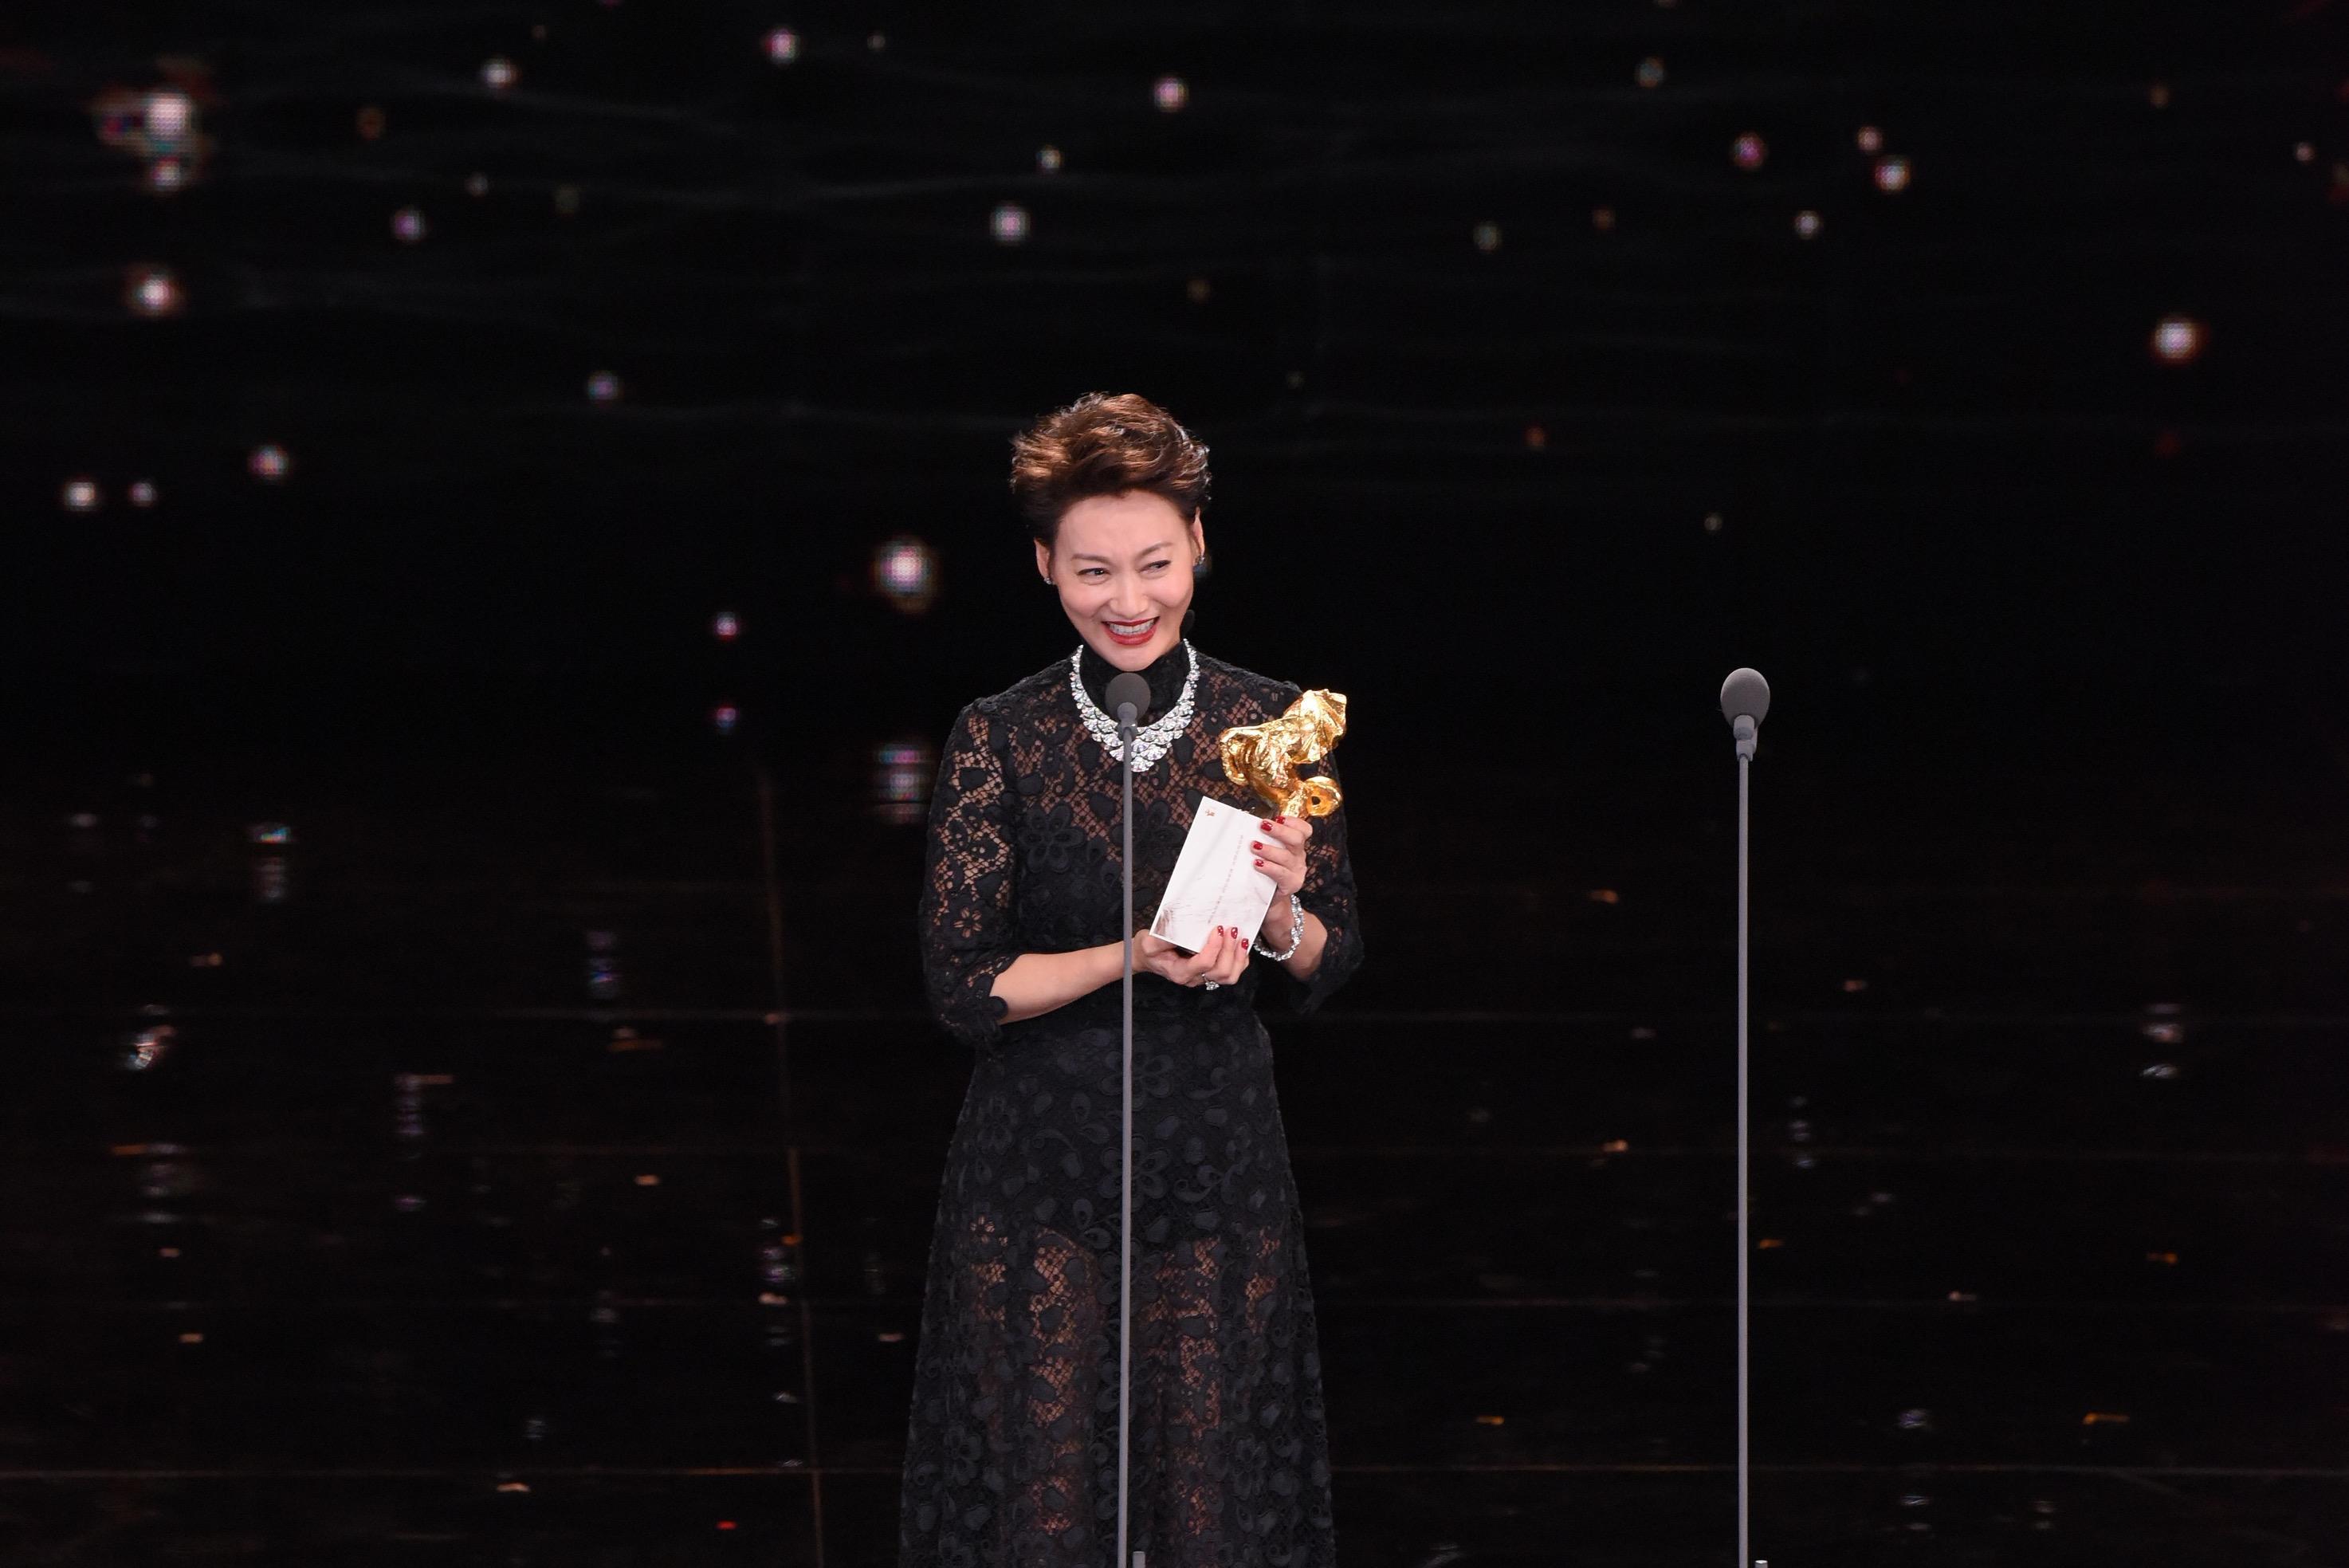 <p>第54屆金馬影后為《血觀音》惠英紅,她上台領獎時淚崩表示:「感謝導演被我騙了!」(影像:金馬執委會提供) </p>